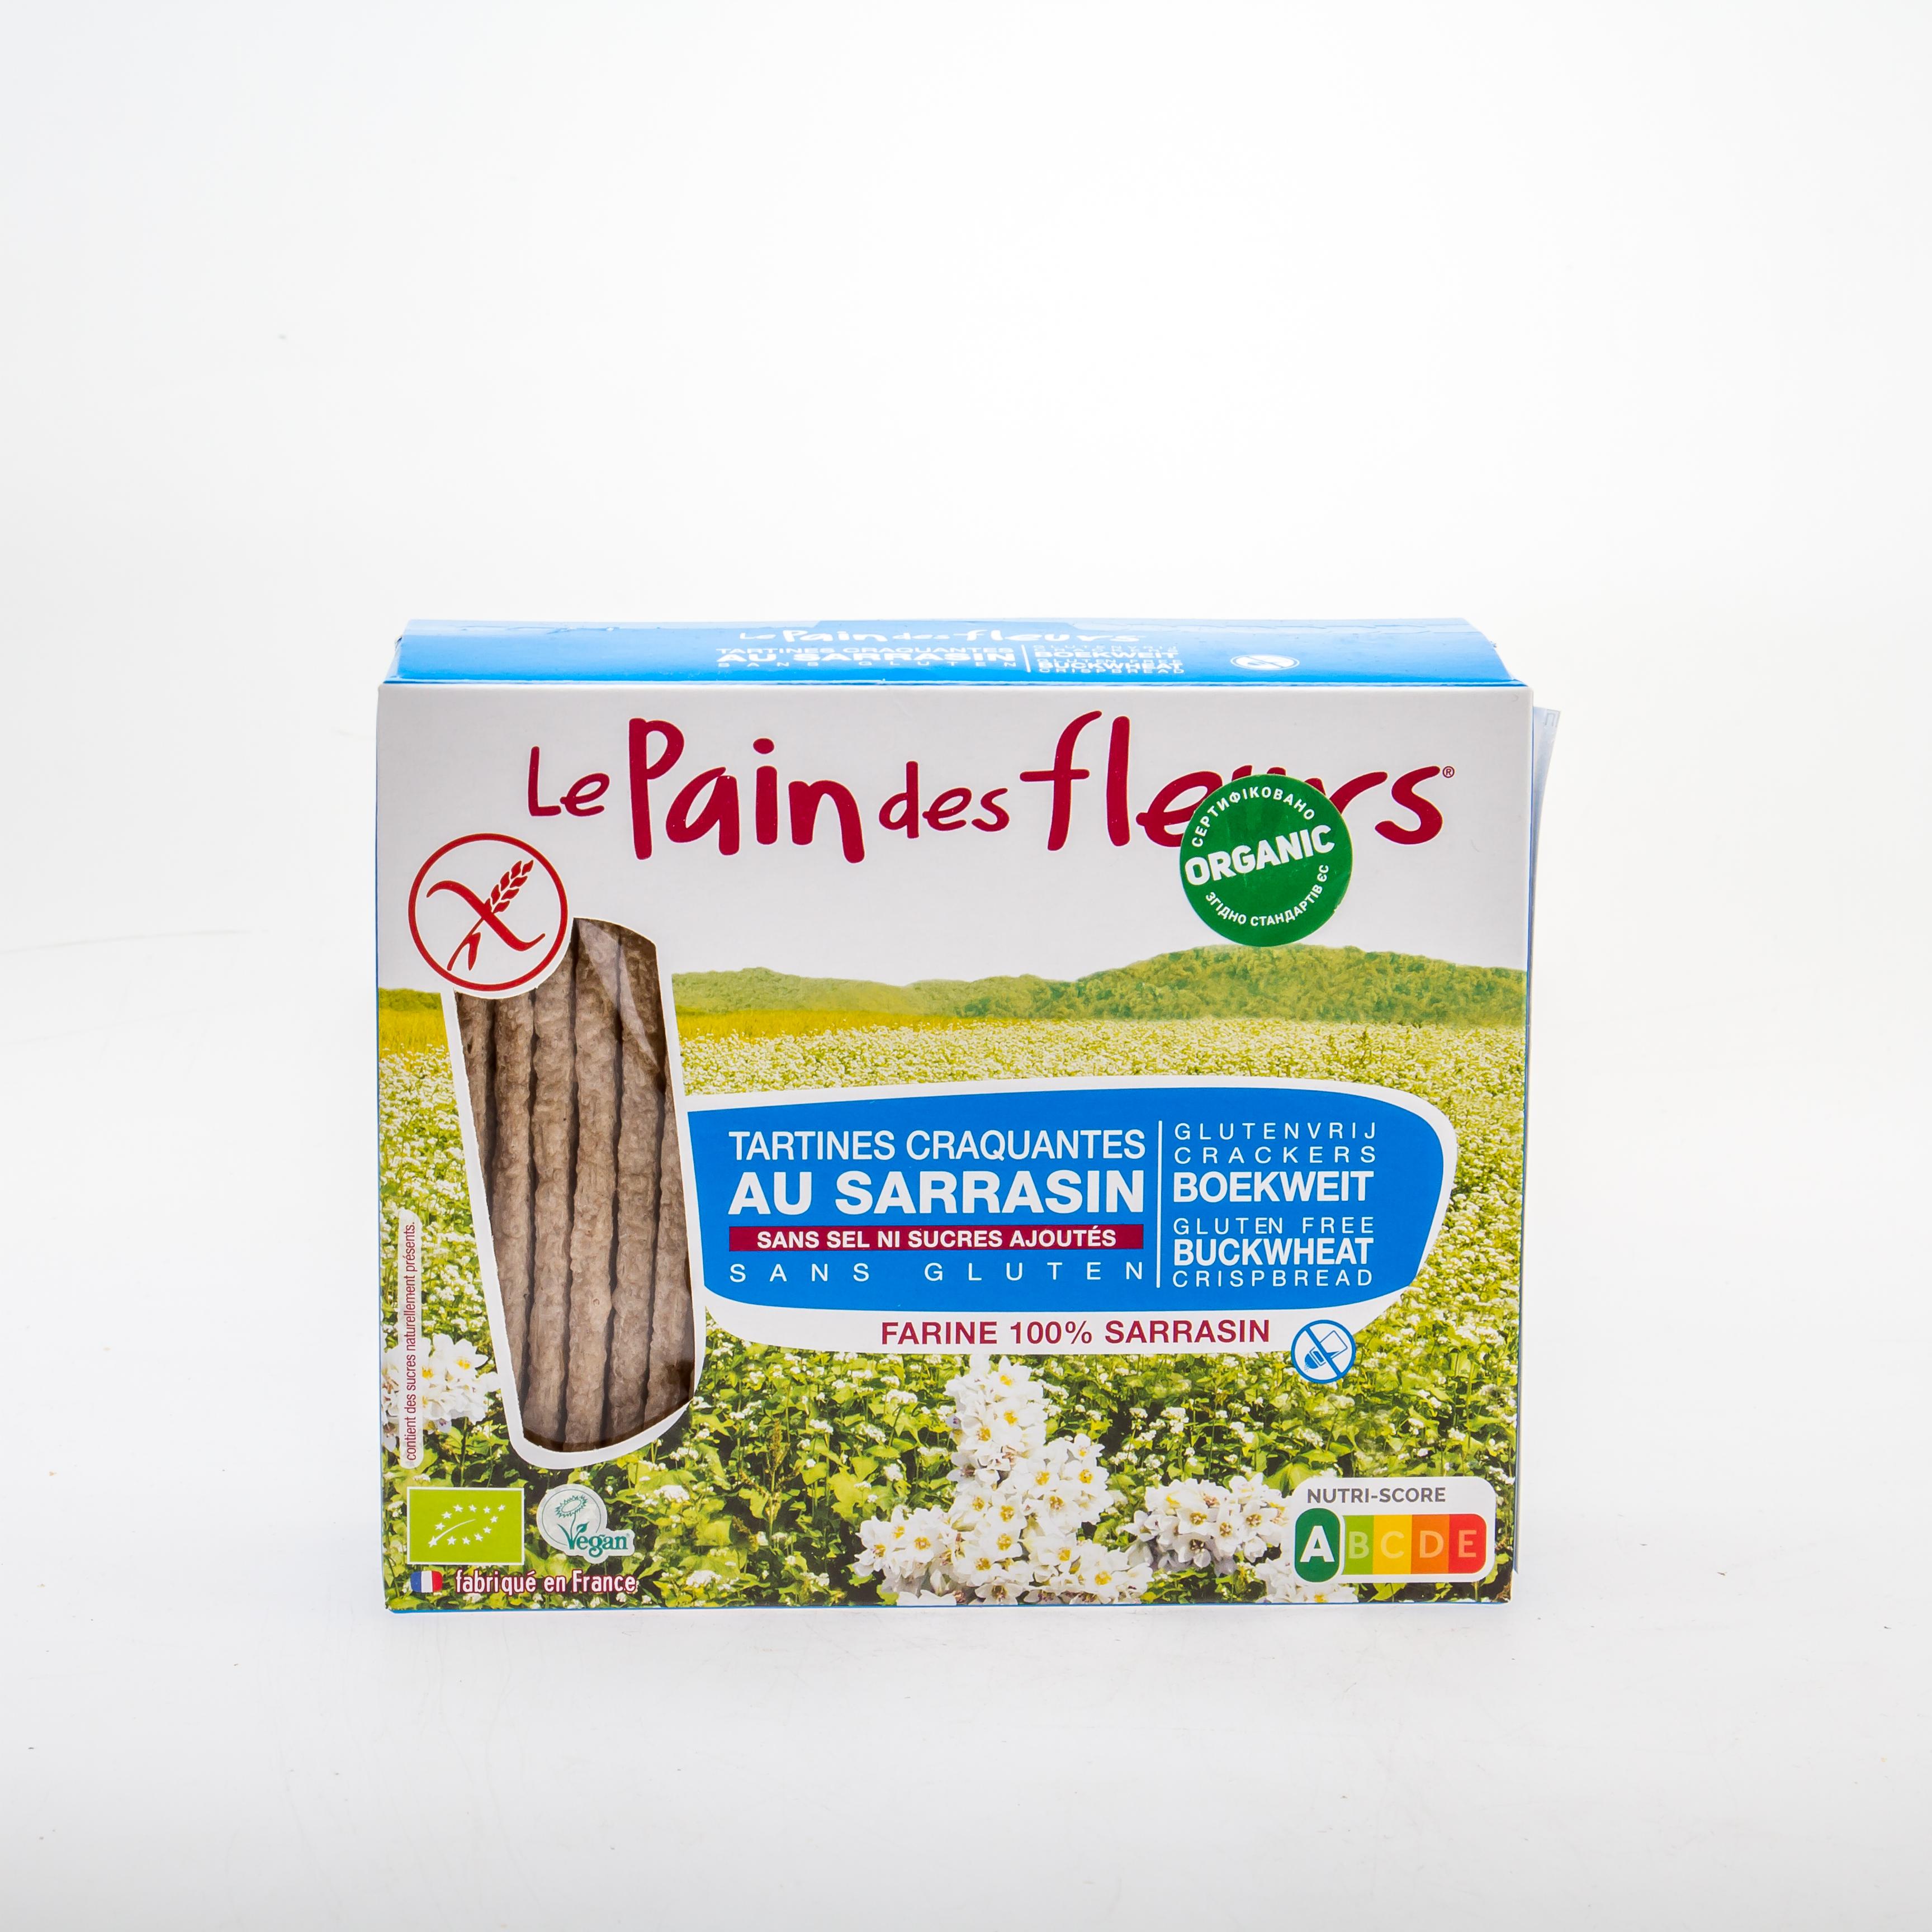 Органічні хрусткі хлібці з гречки (без глютену) без солі і цукру,150 г - купить в интернет-магазине Юнимед